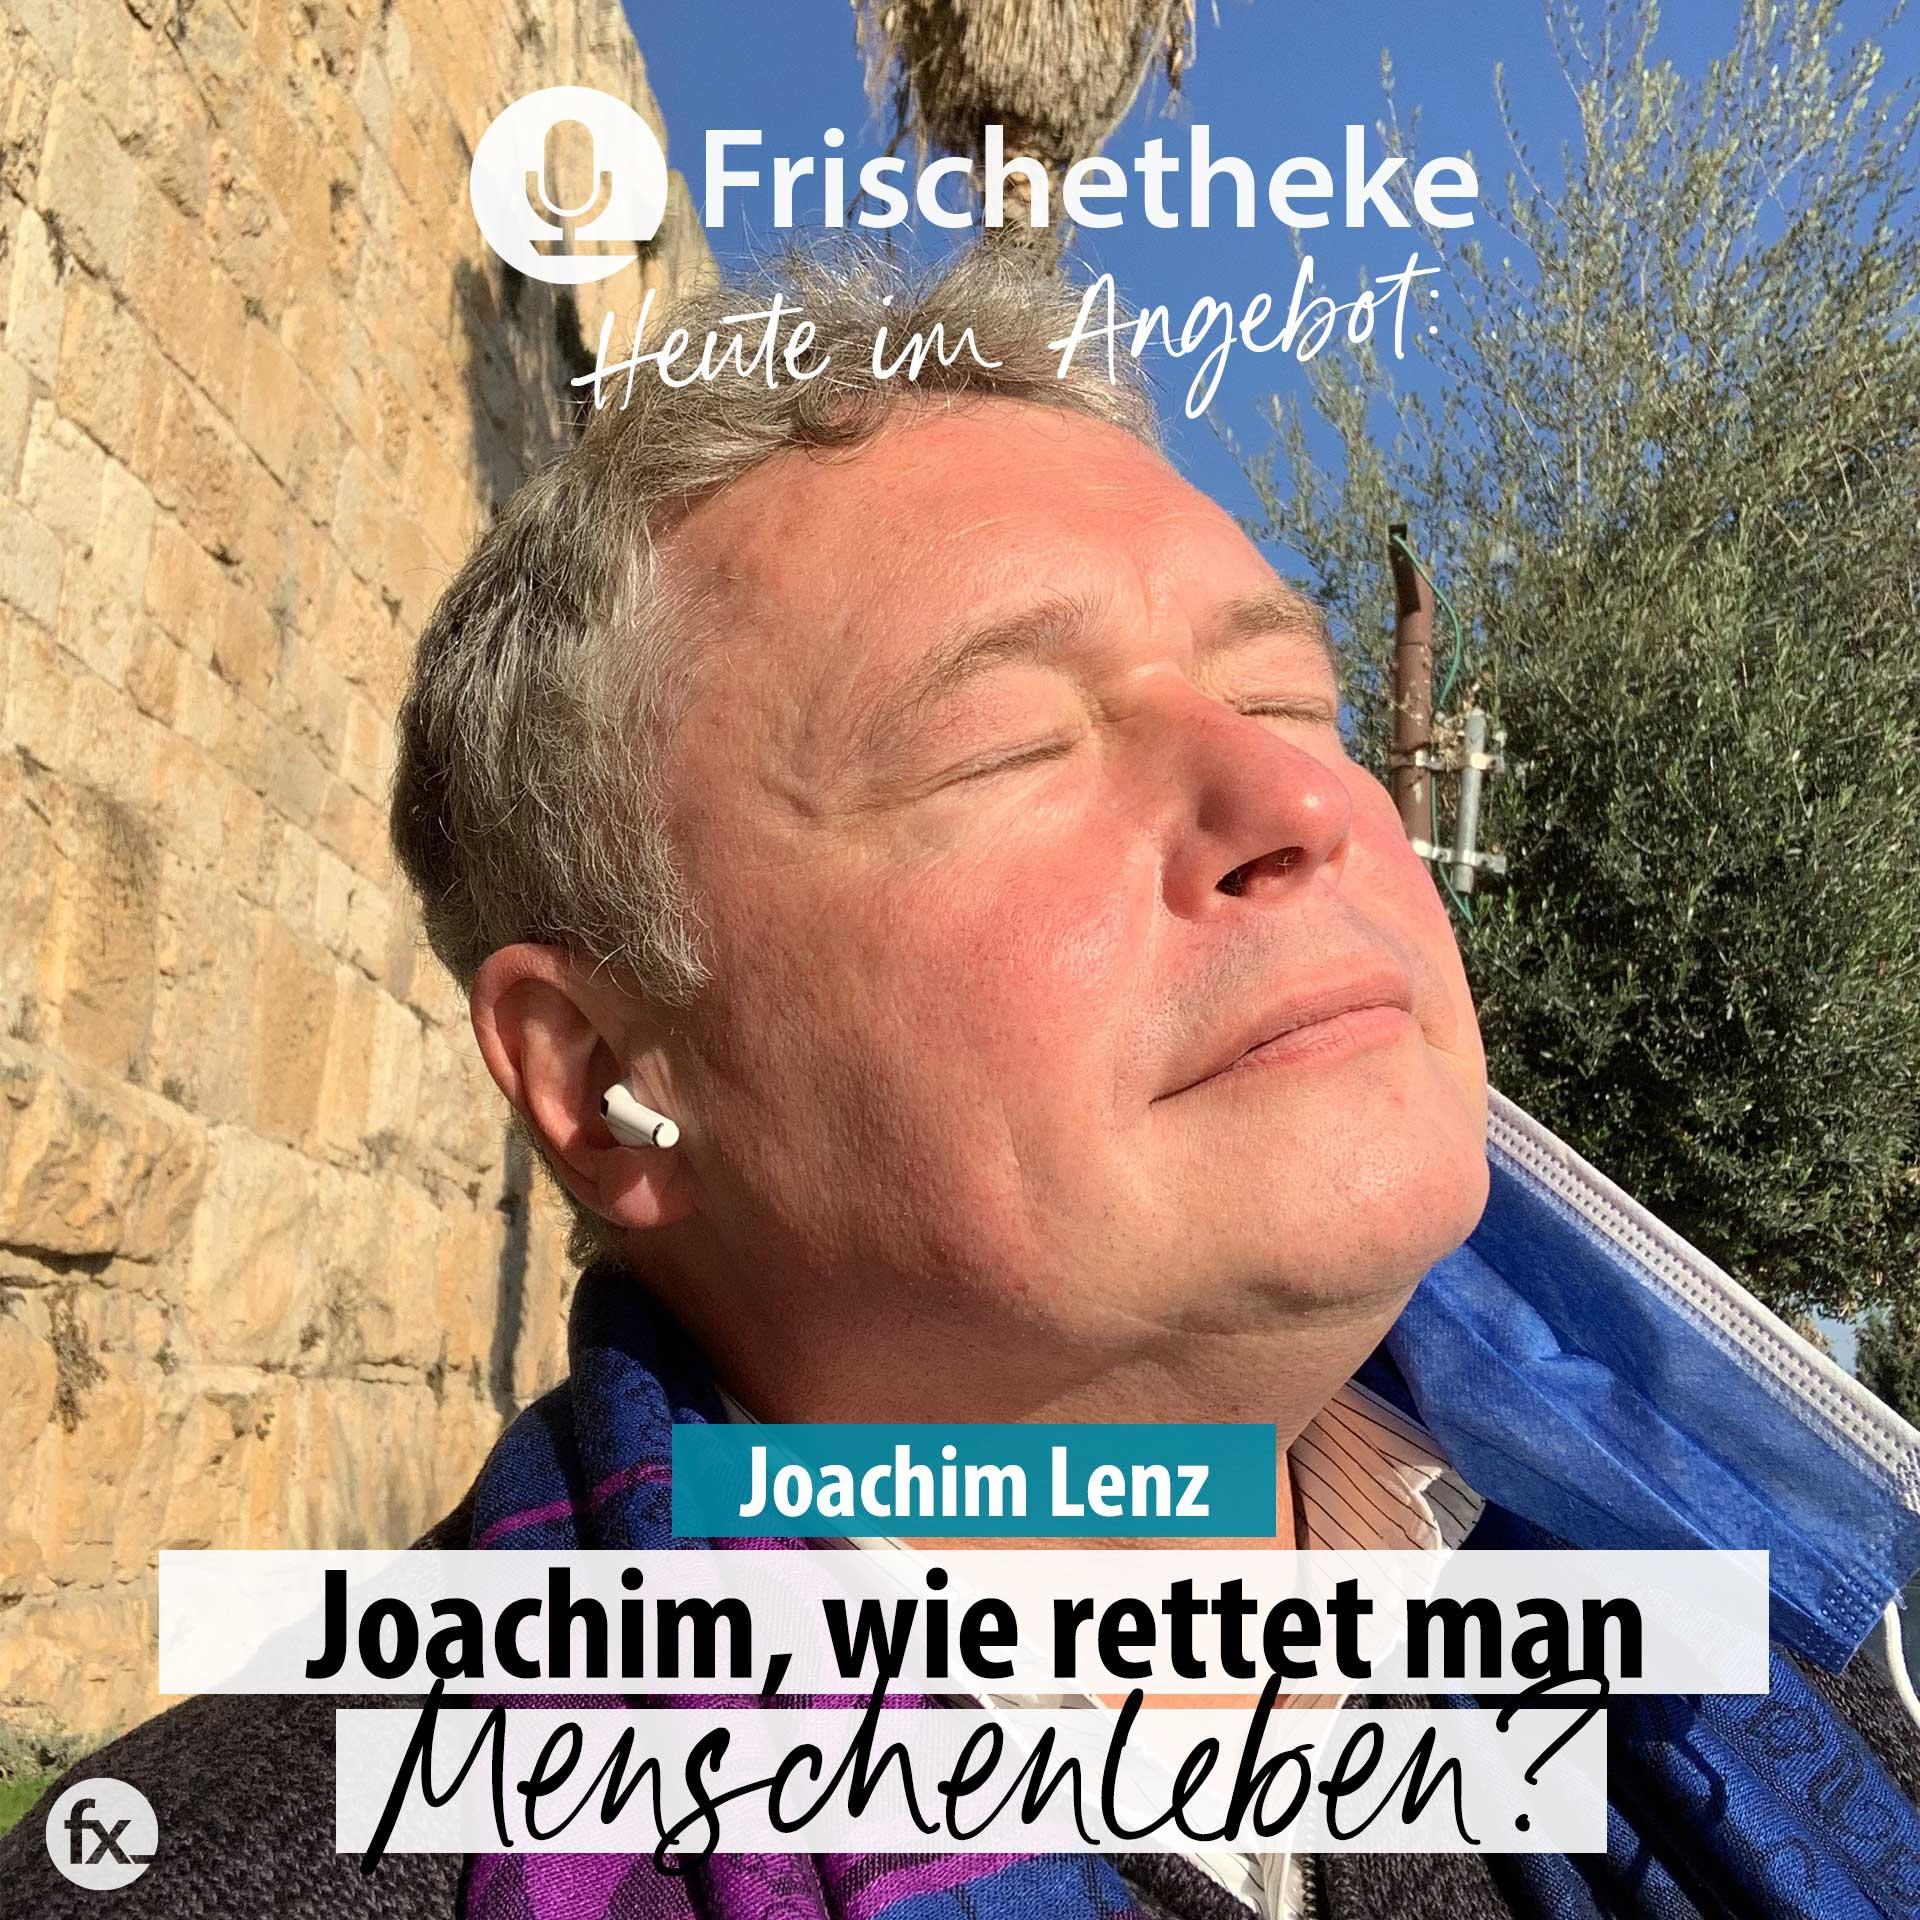 Joachim Lenz, wie rettet man Menschenleben?